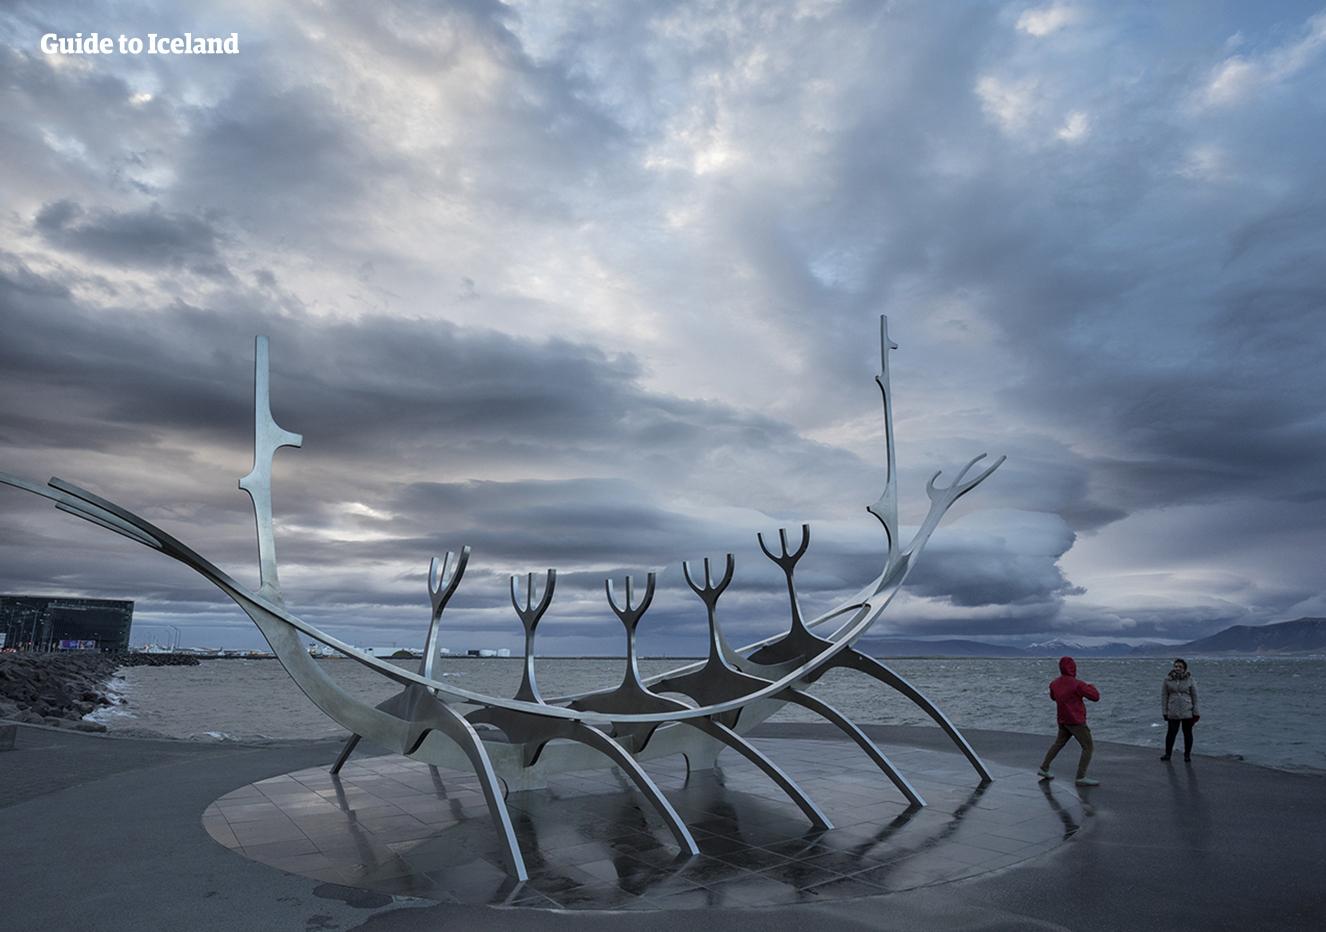 สัญลักษ์เรือไวกิ้งนั้นเป็นที่นิยมของช่างภาพที่มาเยี่ยมประเทศไอซ์แลนด์